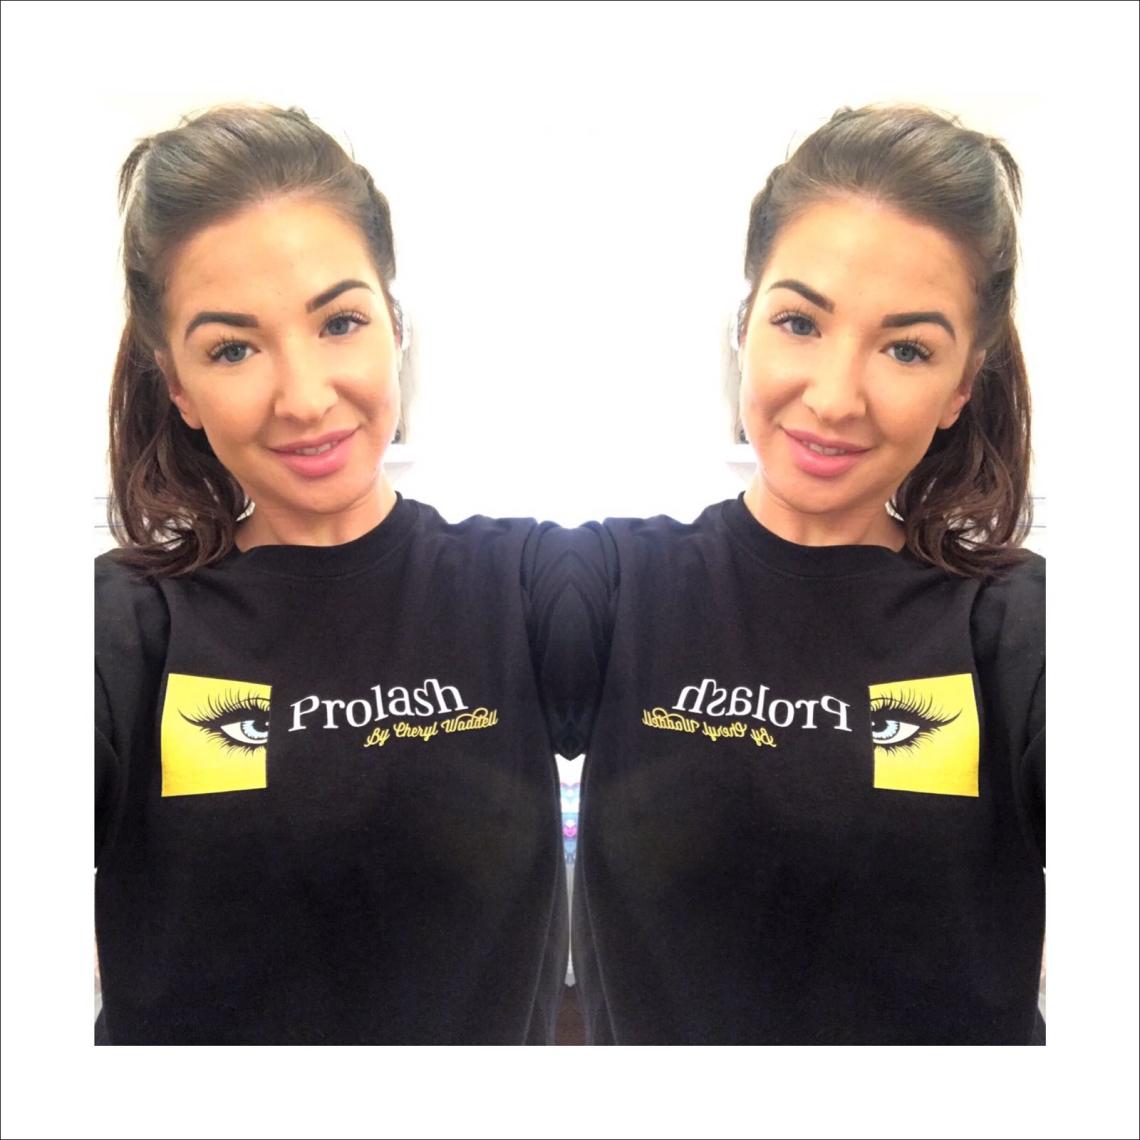 prolash-tshirt